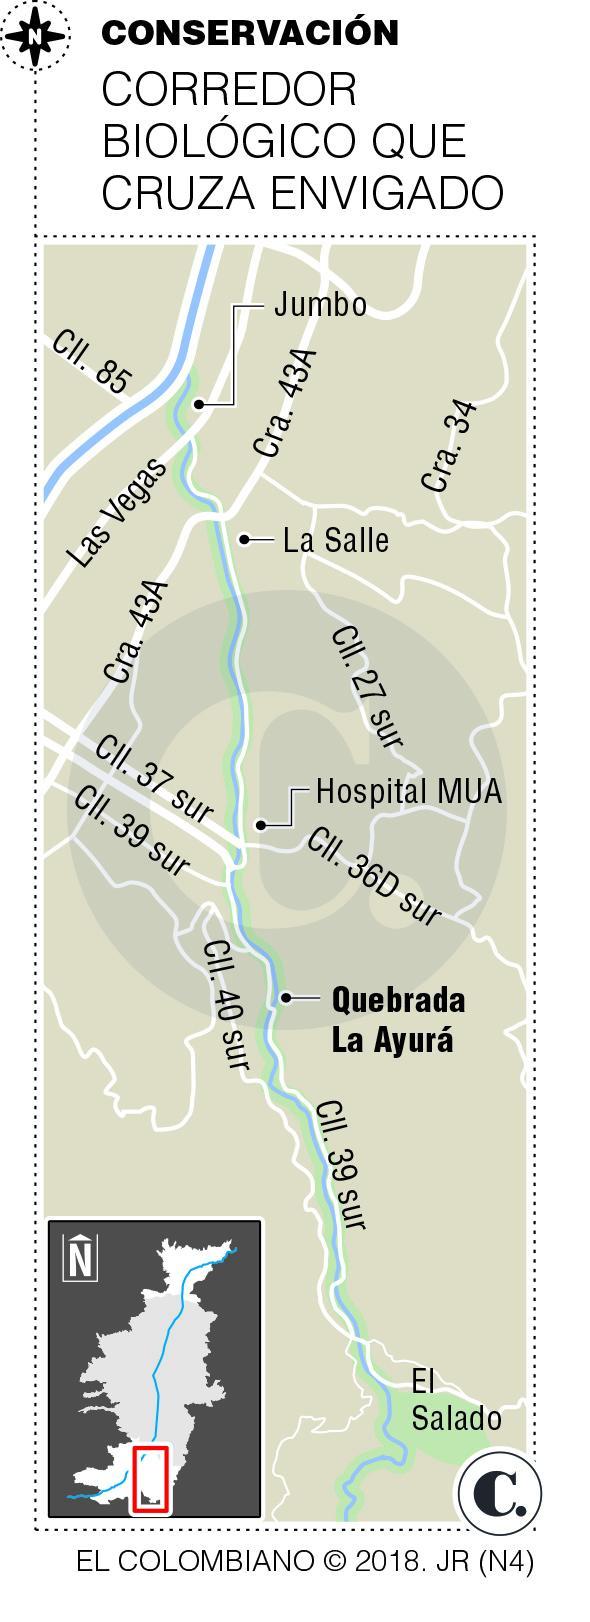 Protección ambiental en la quebrada La Ayurá, Envigado